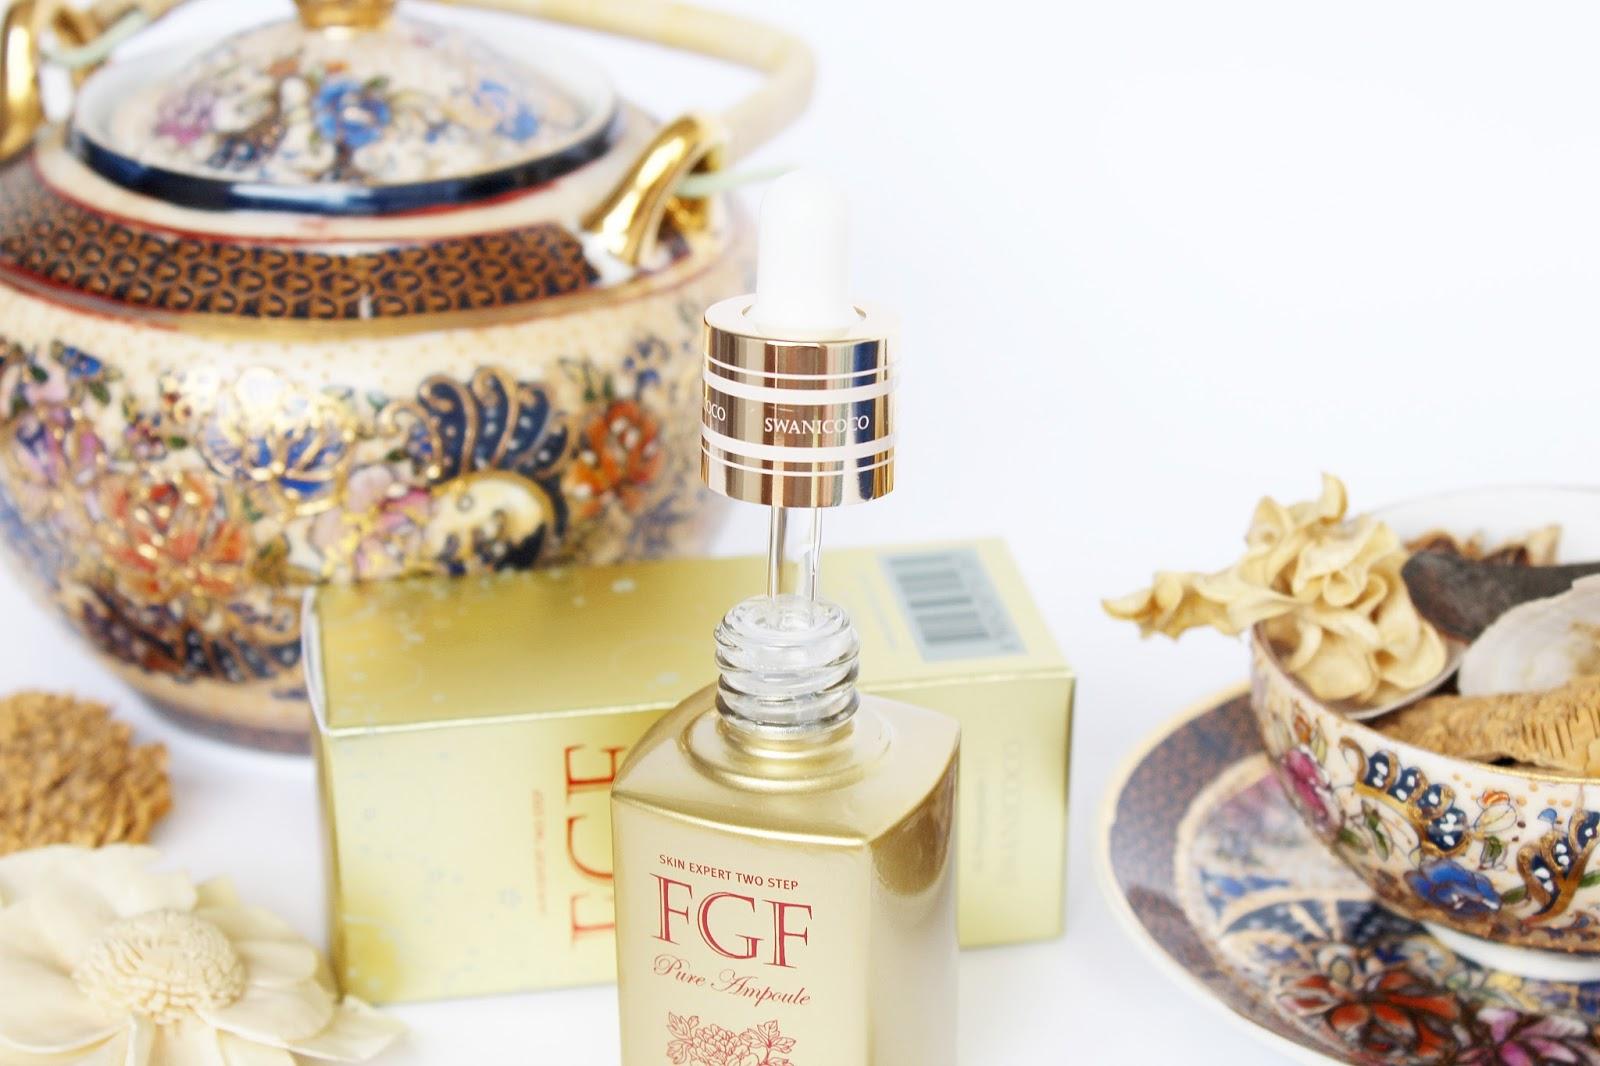 Swanicoco, FGF Pure Ampoule